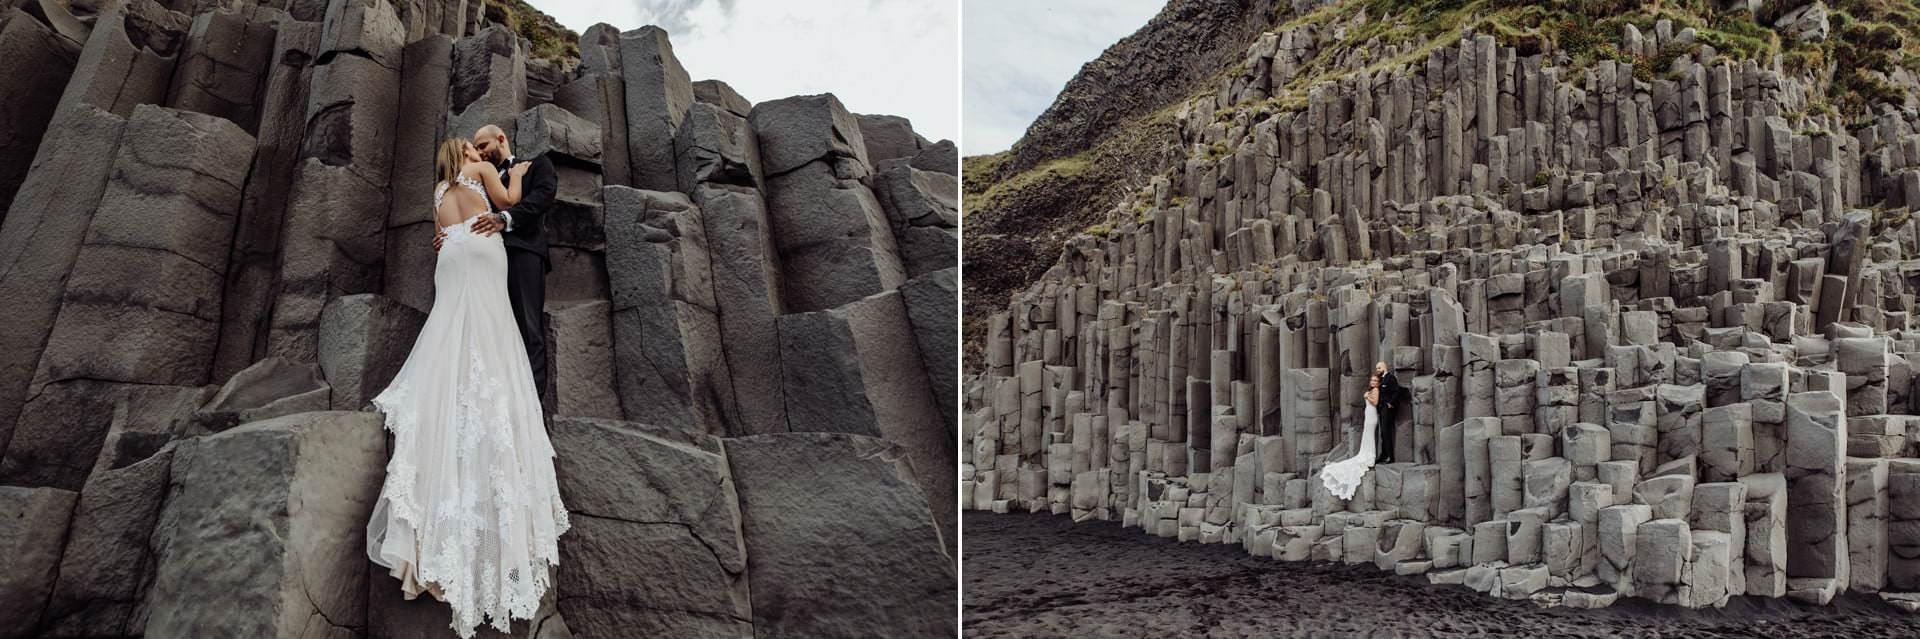 Sesja slubna na Islandii